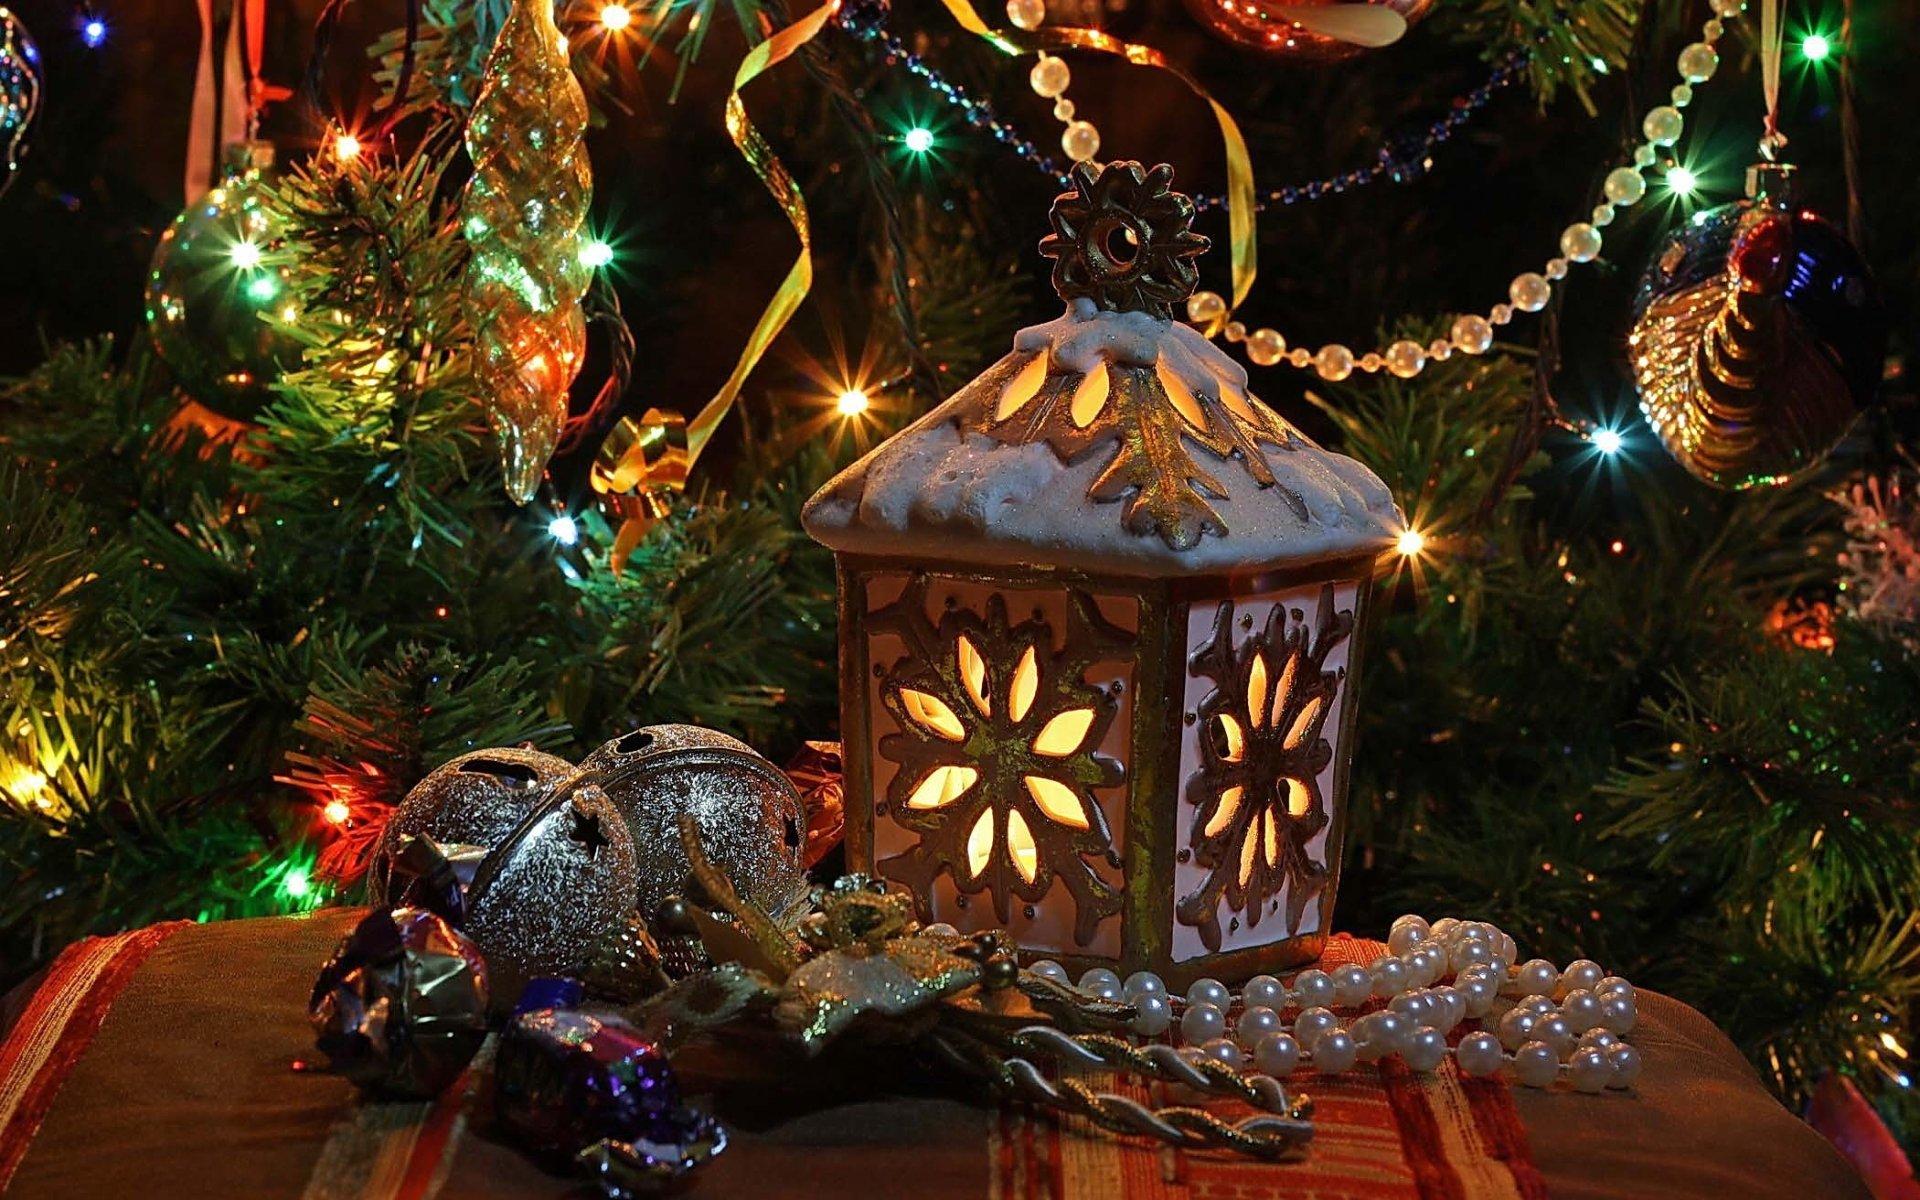 节日 - 圣诞节  节日 灯笼 Christmas Ornaments 壁纸